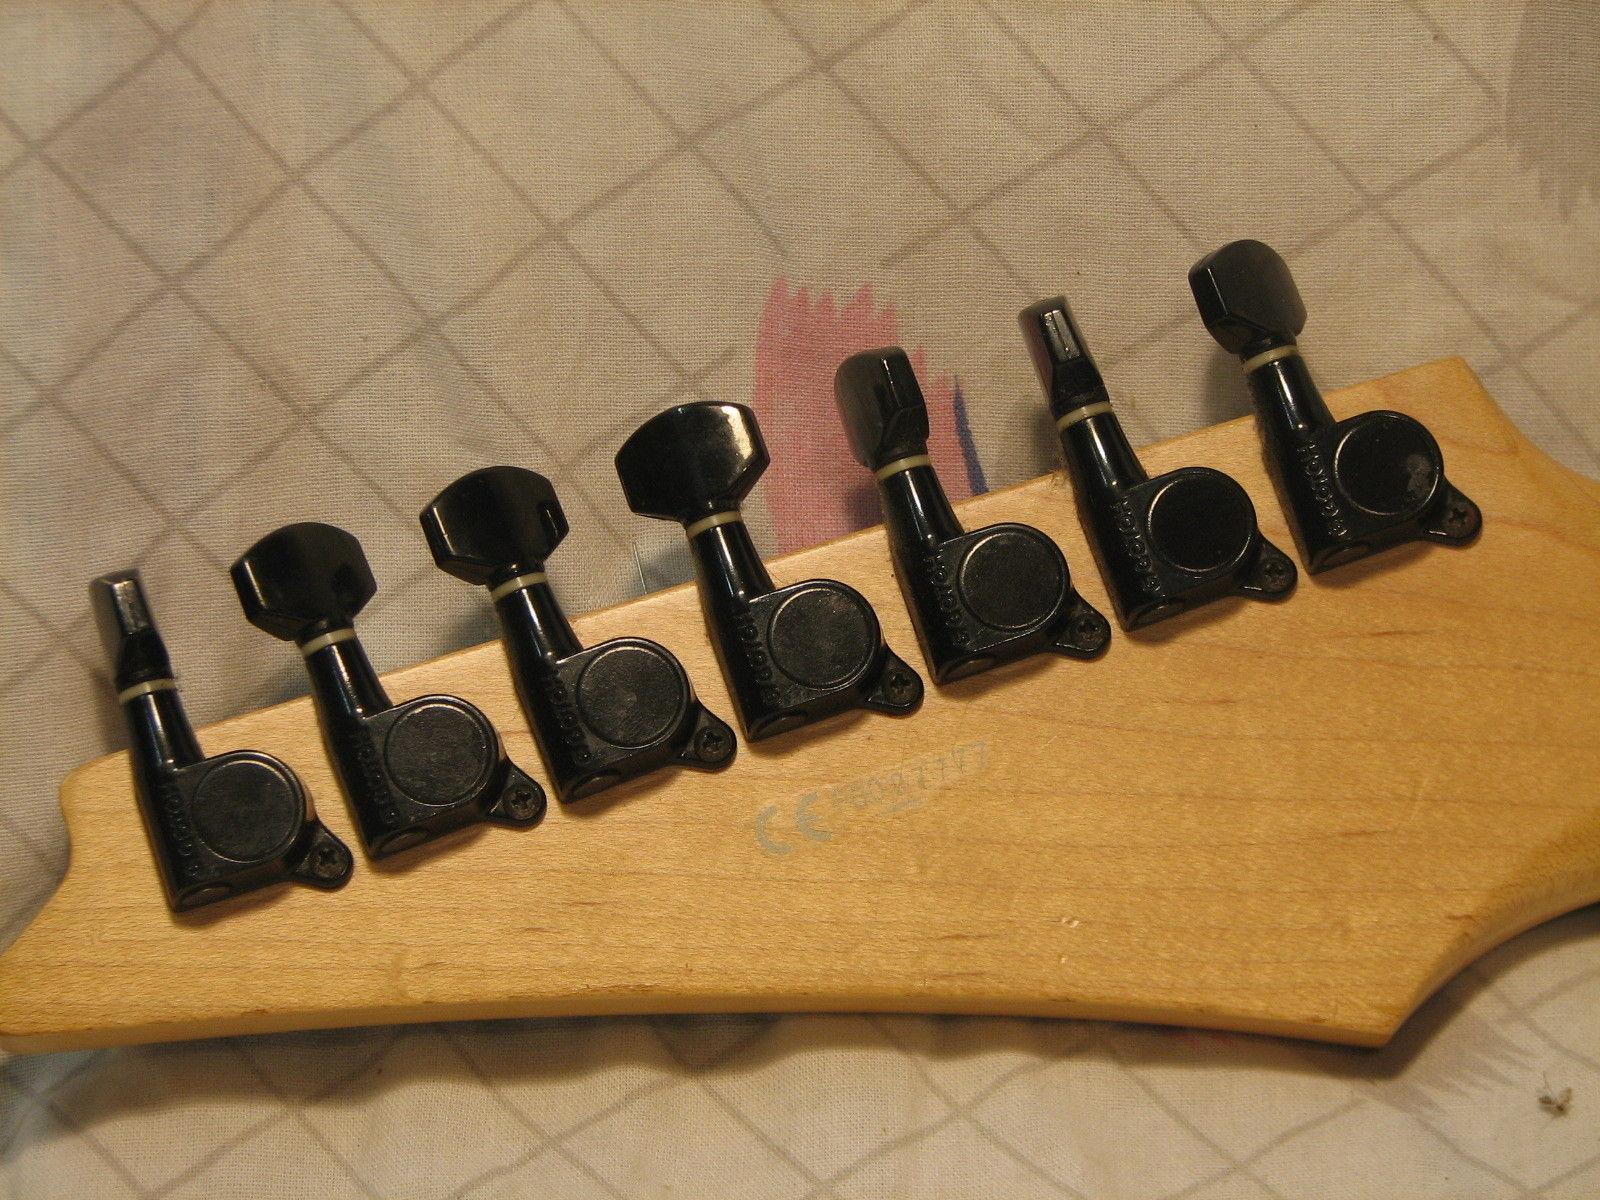 Incomming New Old Guitar day. 2000 MIJ RG7420 in Magenta Crush-l1650-jpg